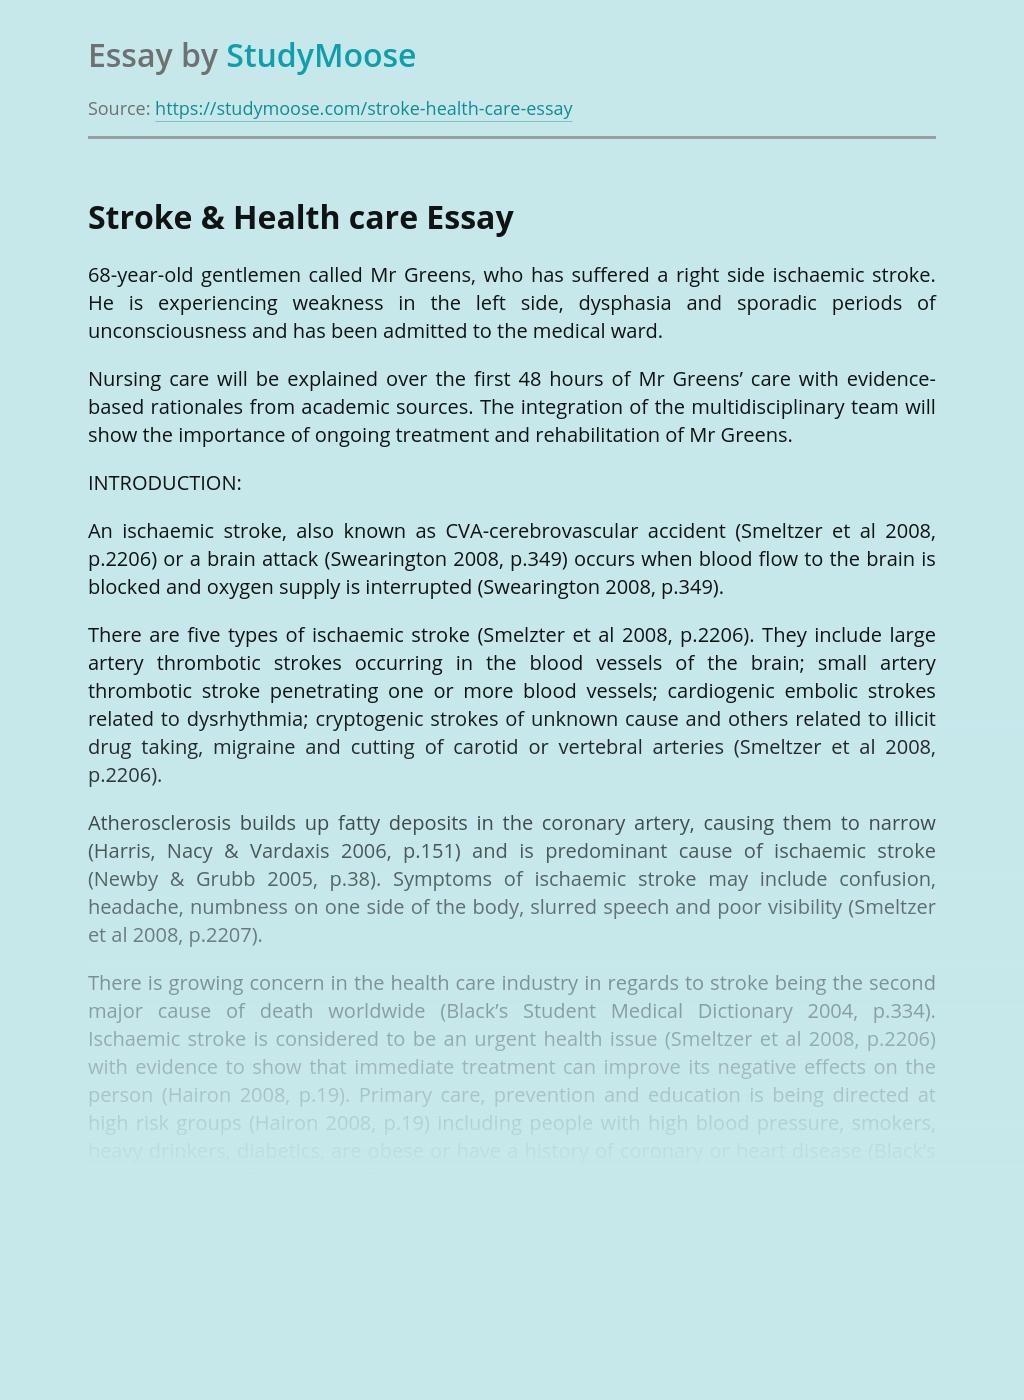 Stroke & Health care